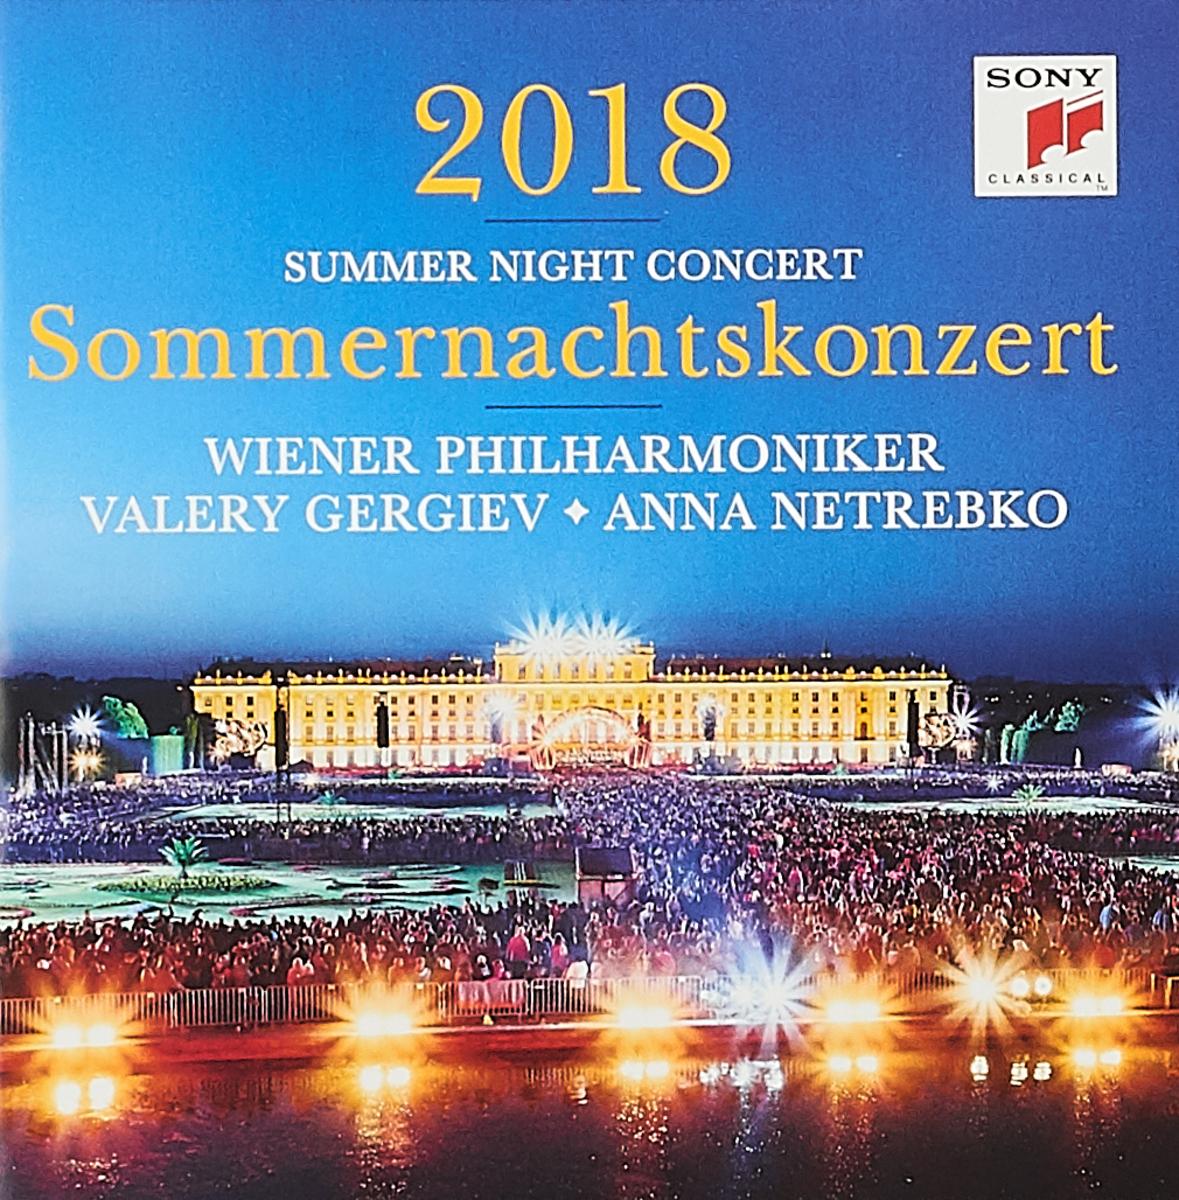 Vienna Philharmonic, Valery Gergiev, Anna Netrebko. Summer Night Concert 2018. Sommernachtskonzert